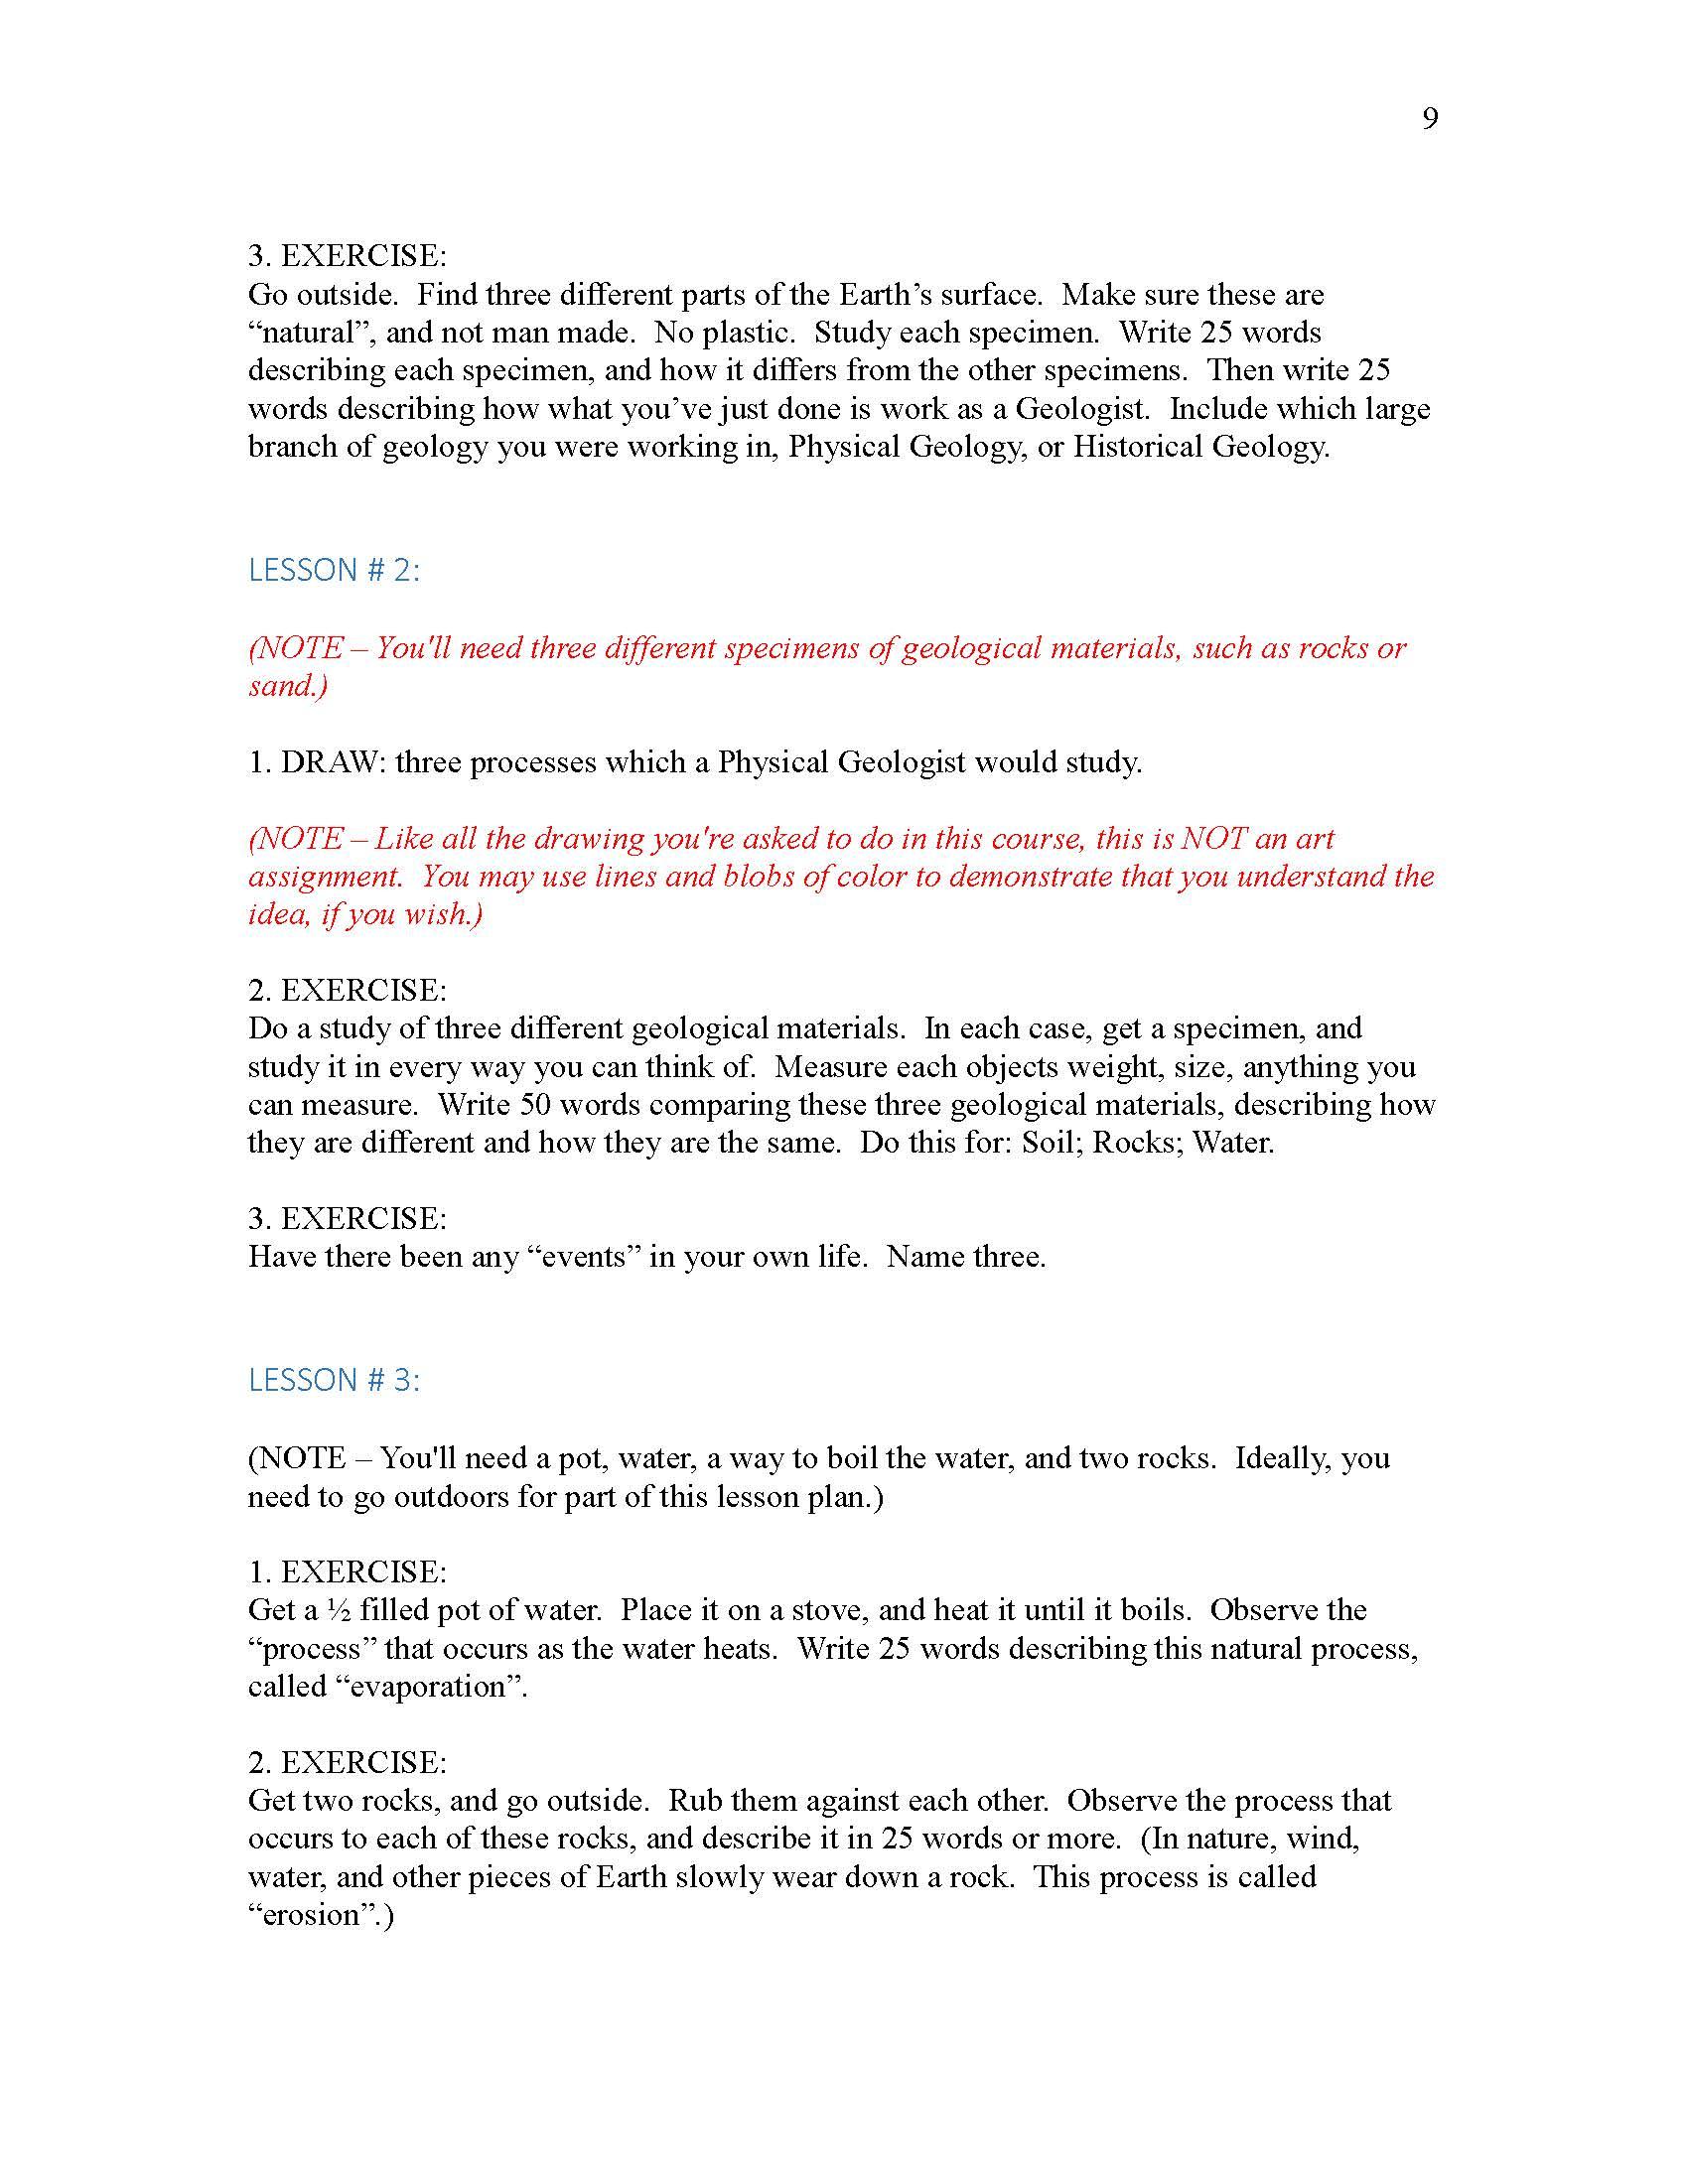 STEP 4 Science 2 Geology_Page_010.jpg